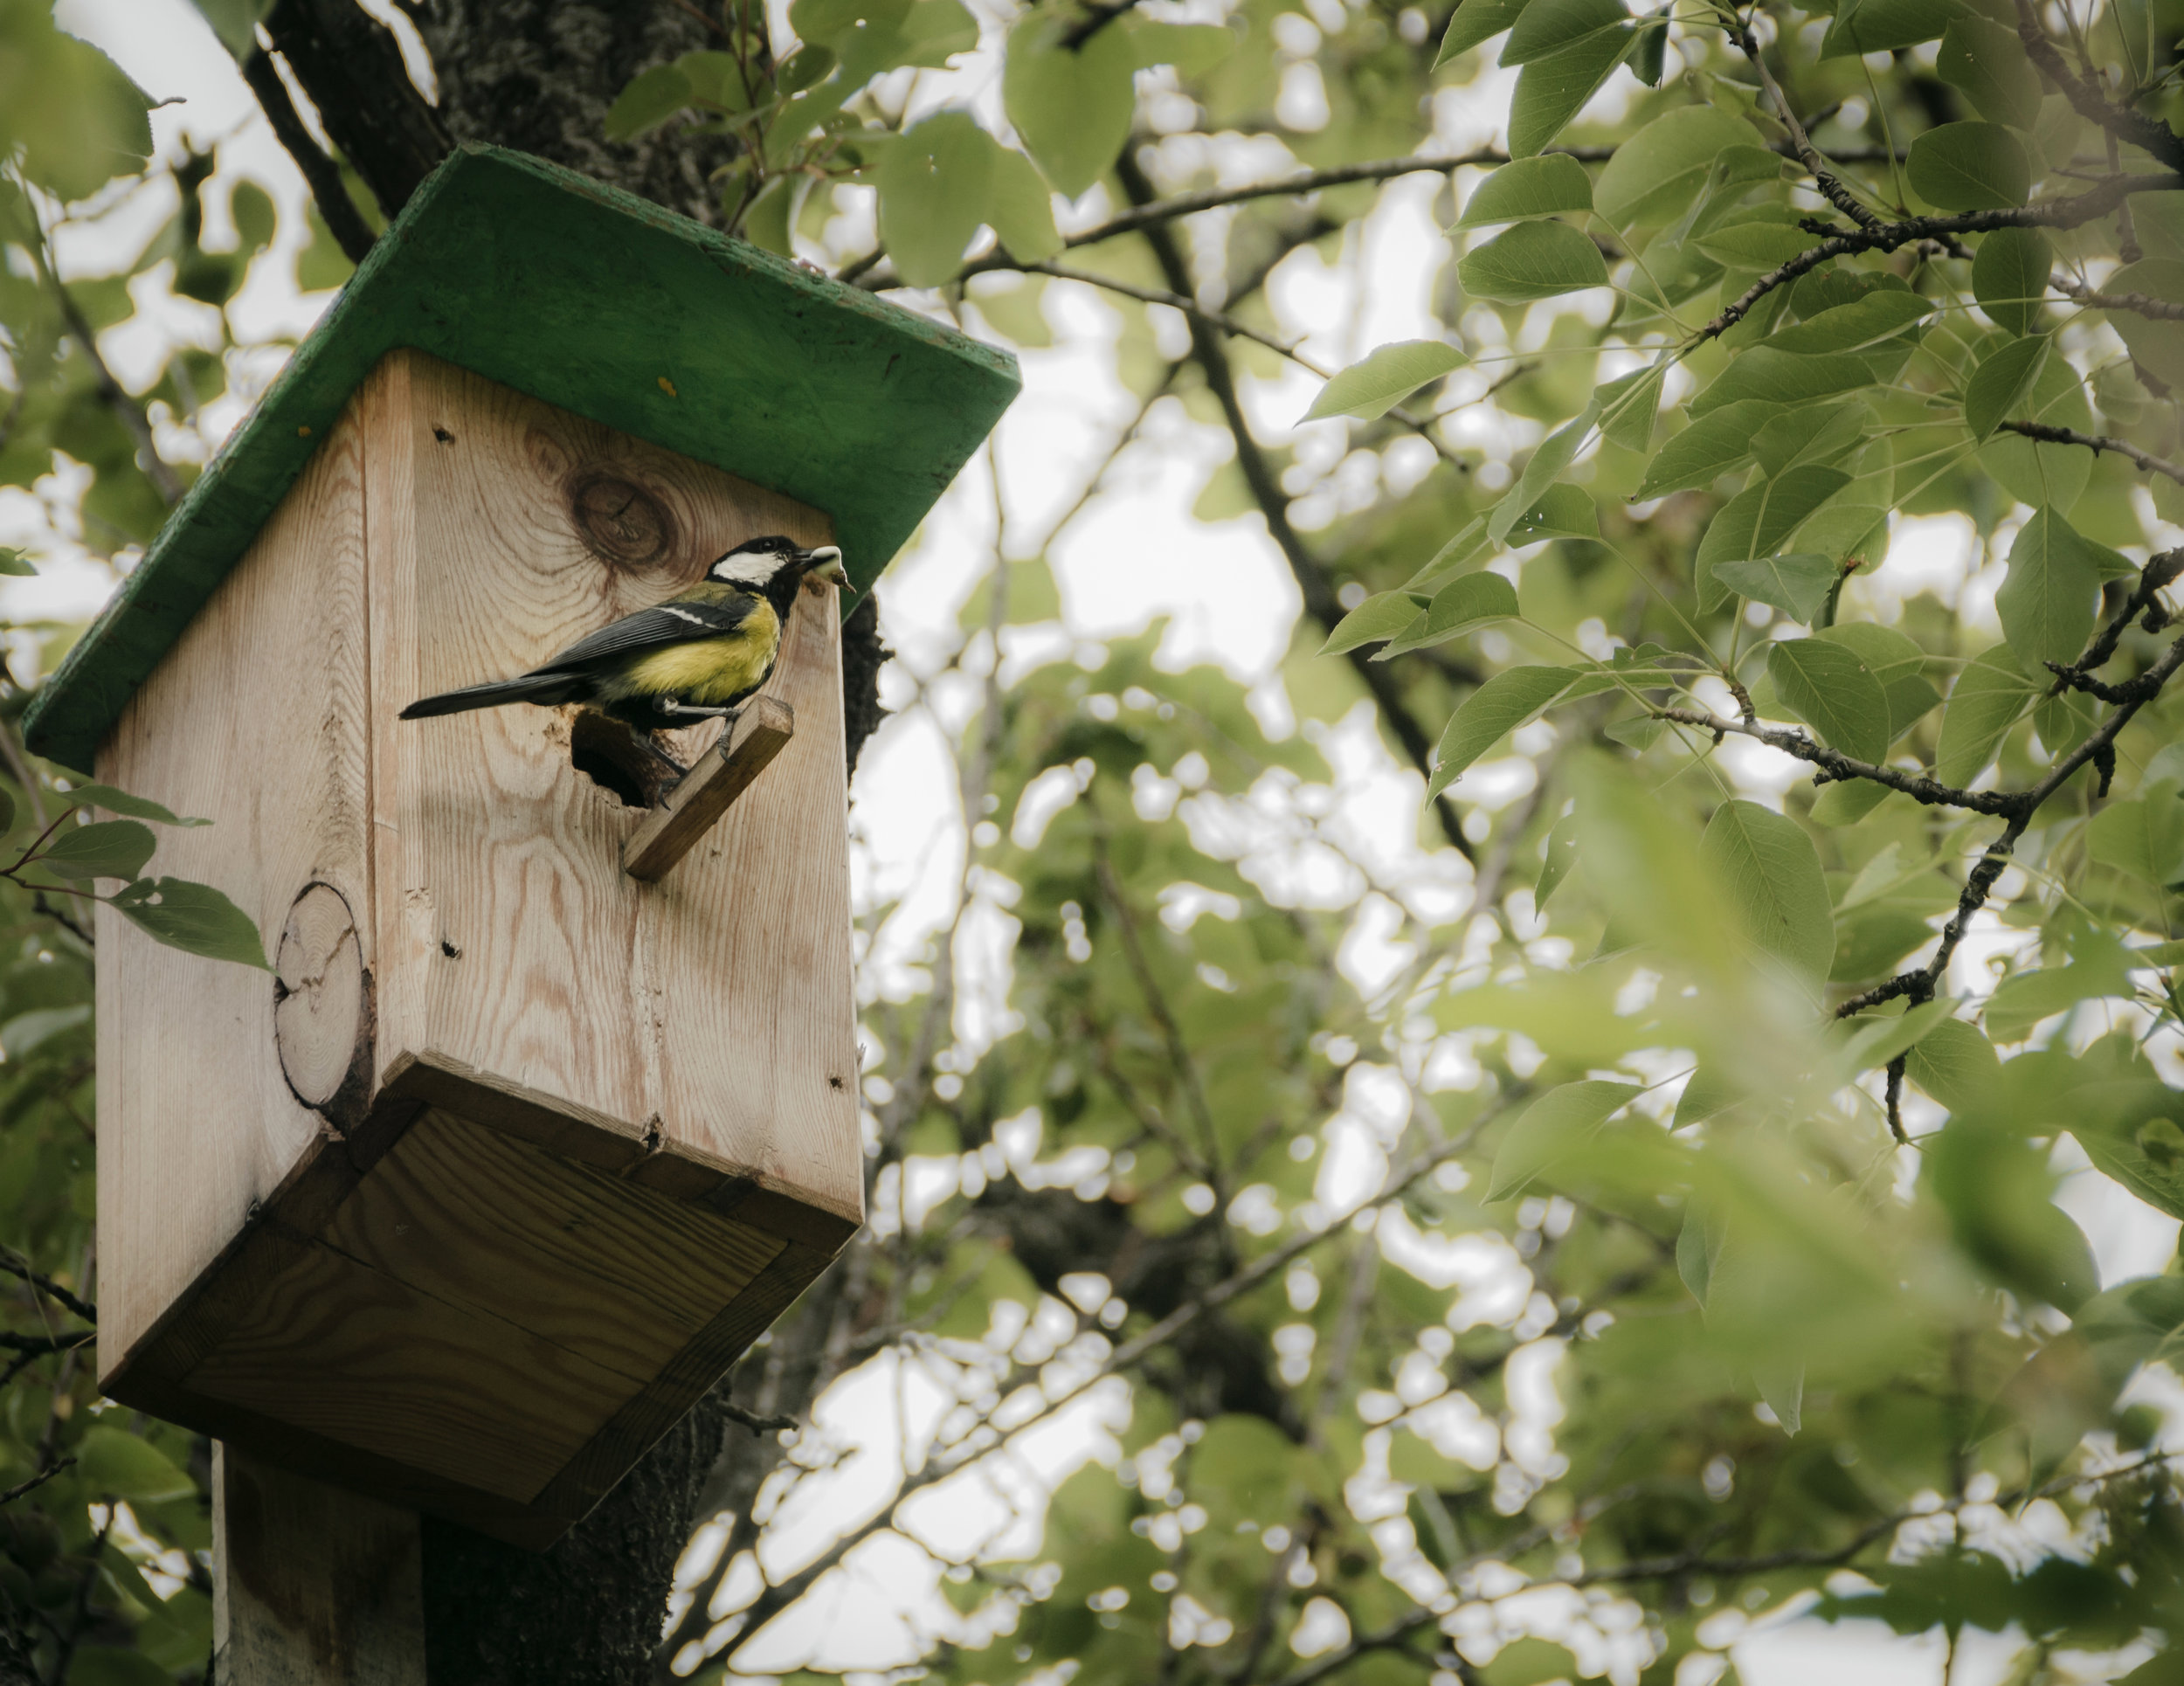 Bird in house.jpg